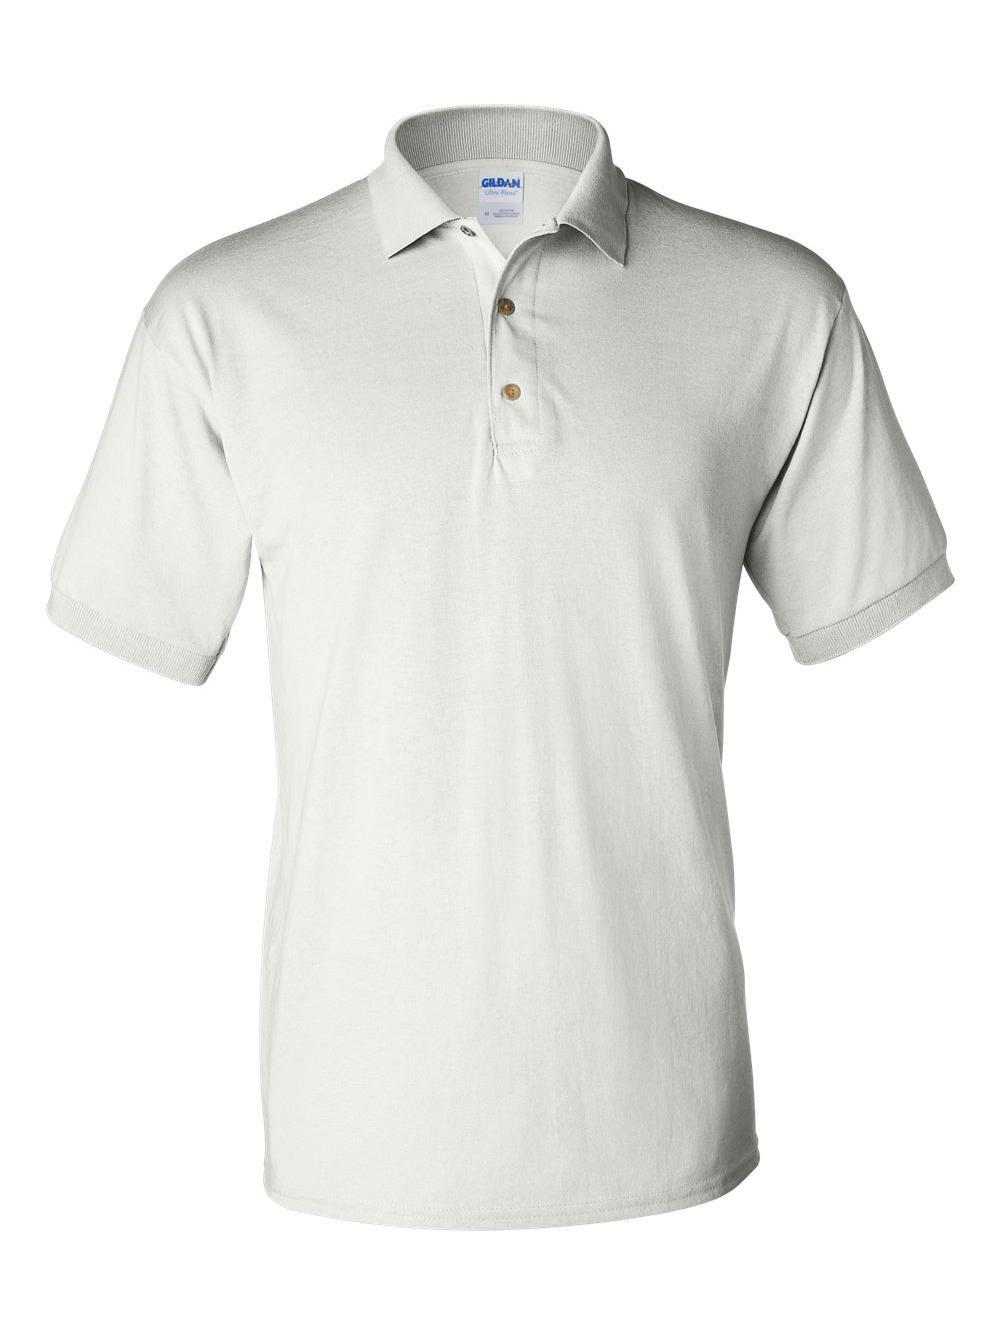 Gildan-DryBlend-Jersey-Sport-Shirt-8800 thumbnail 81